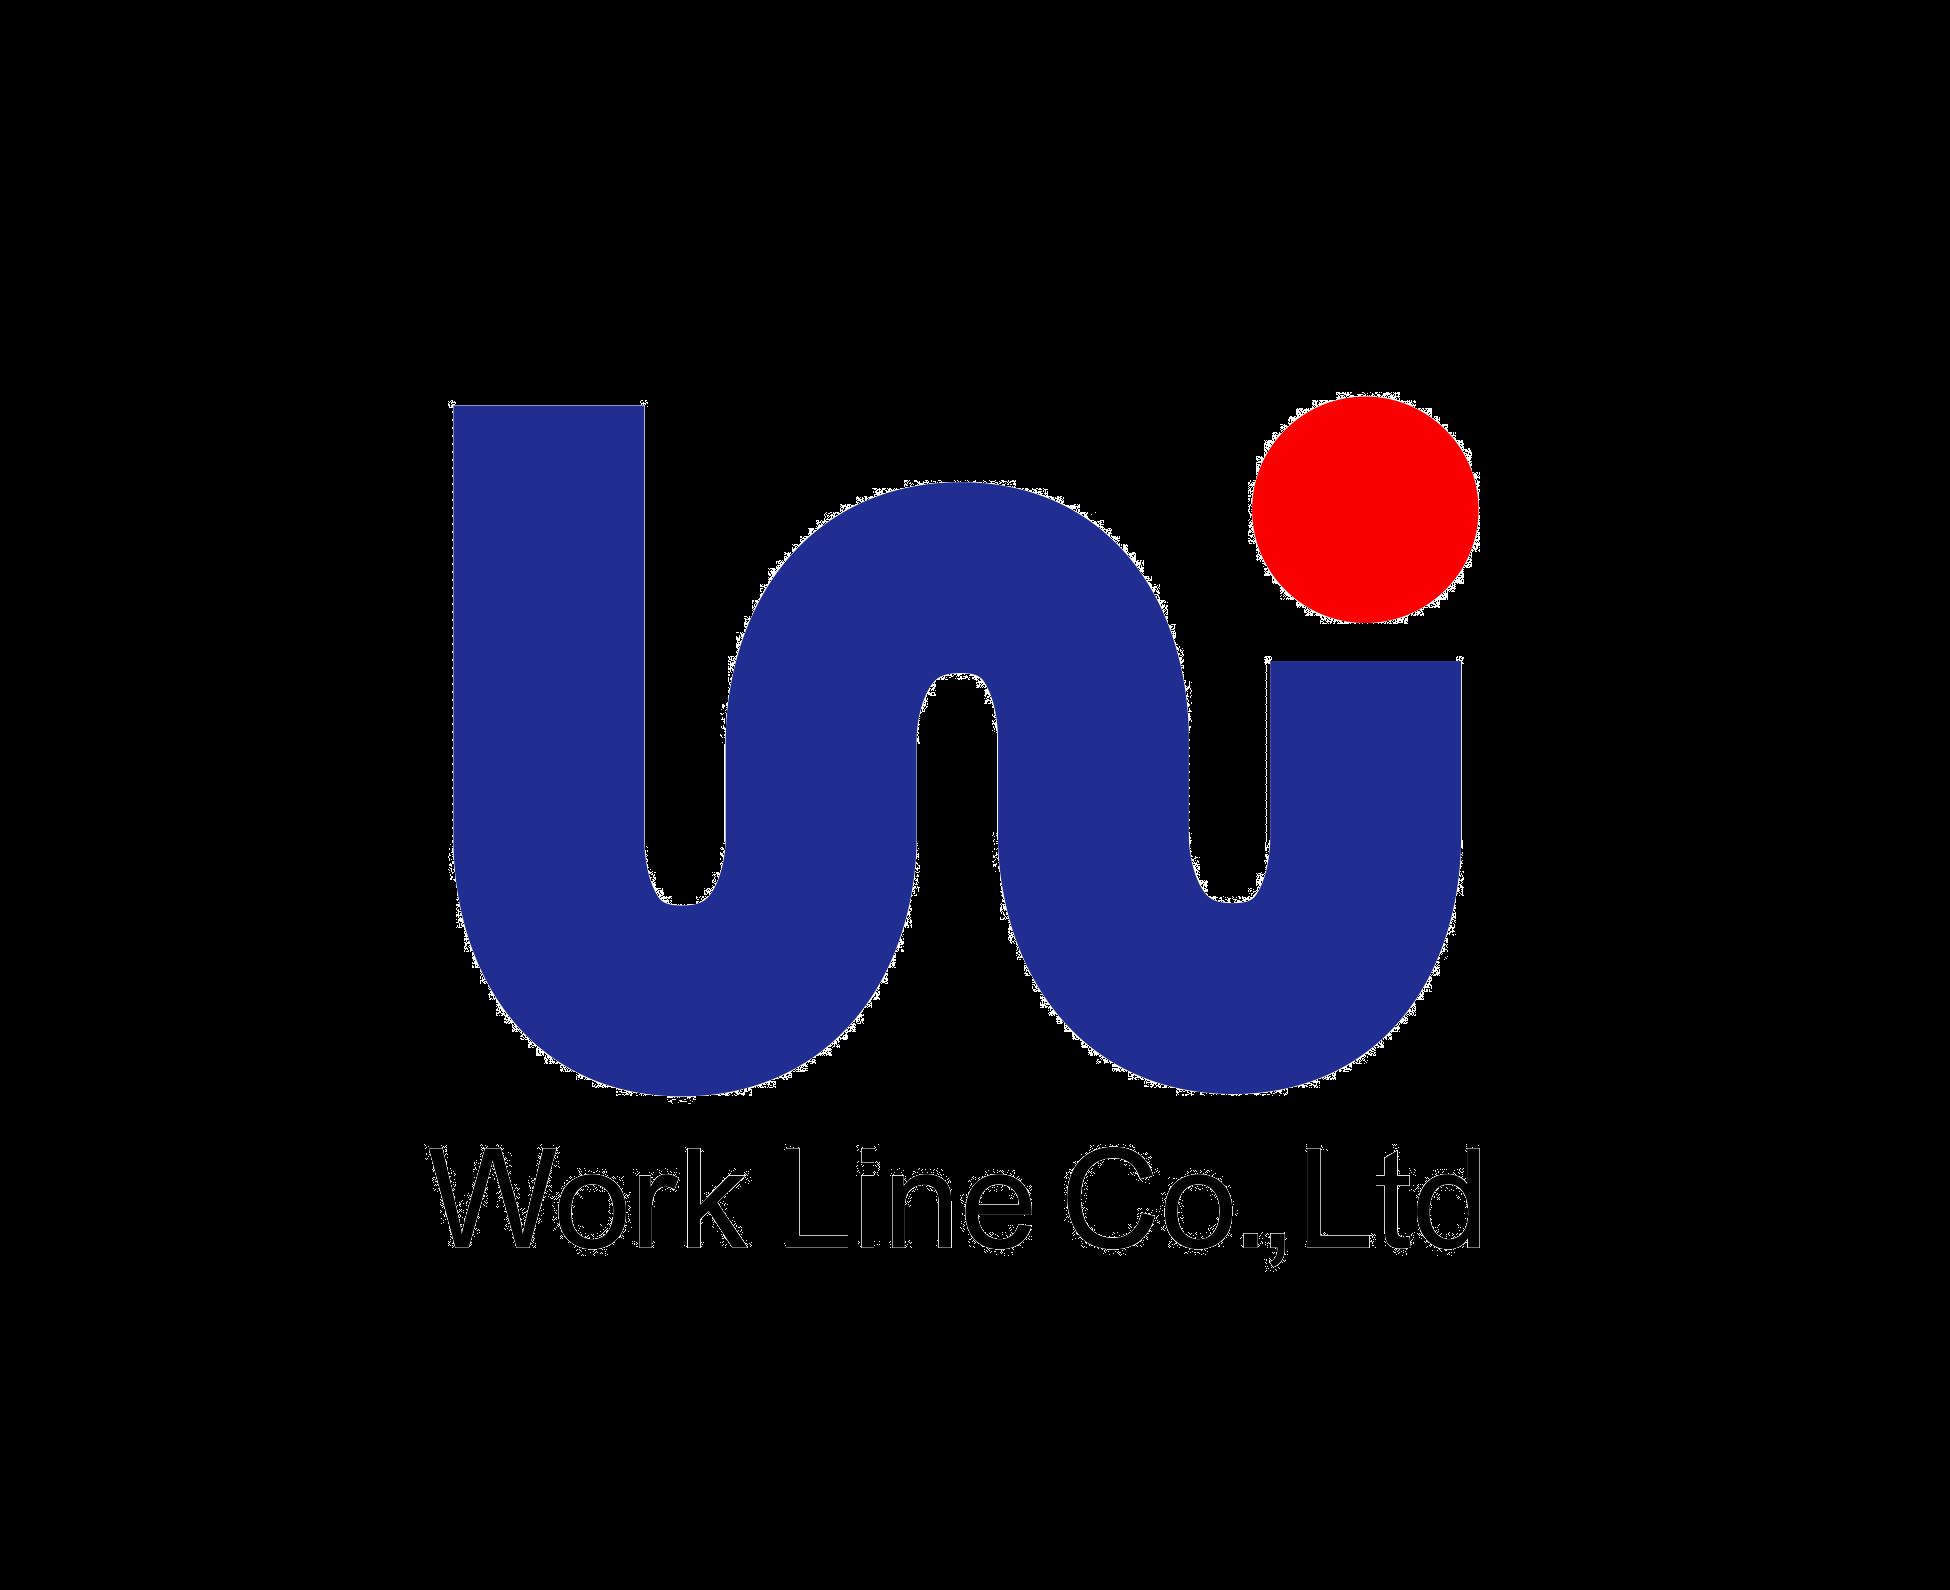 株式会社Work Line